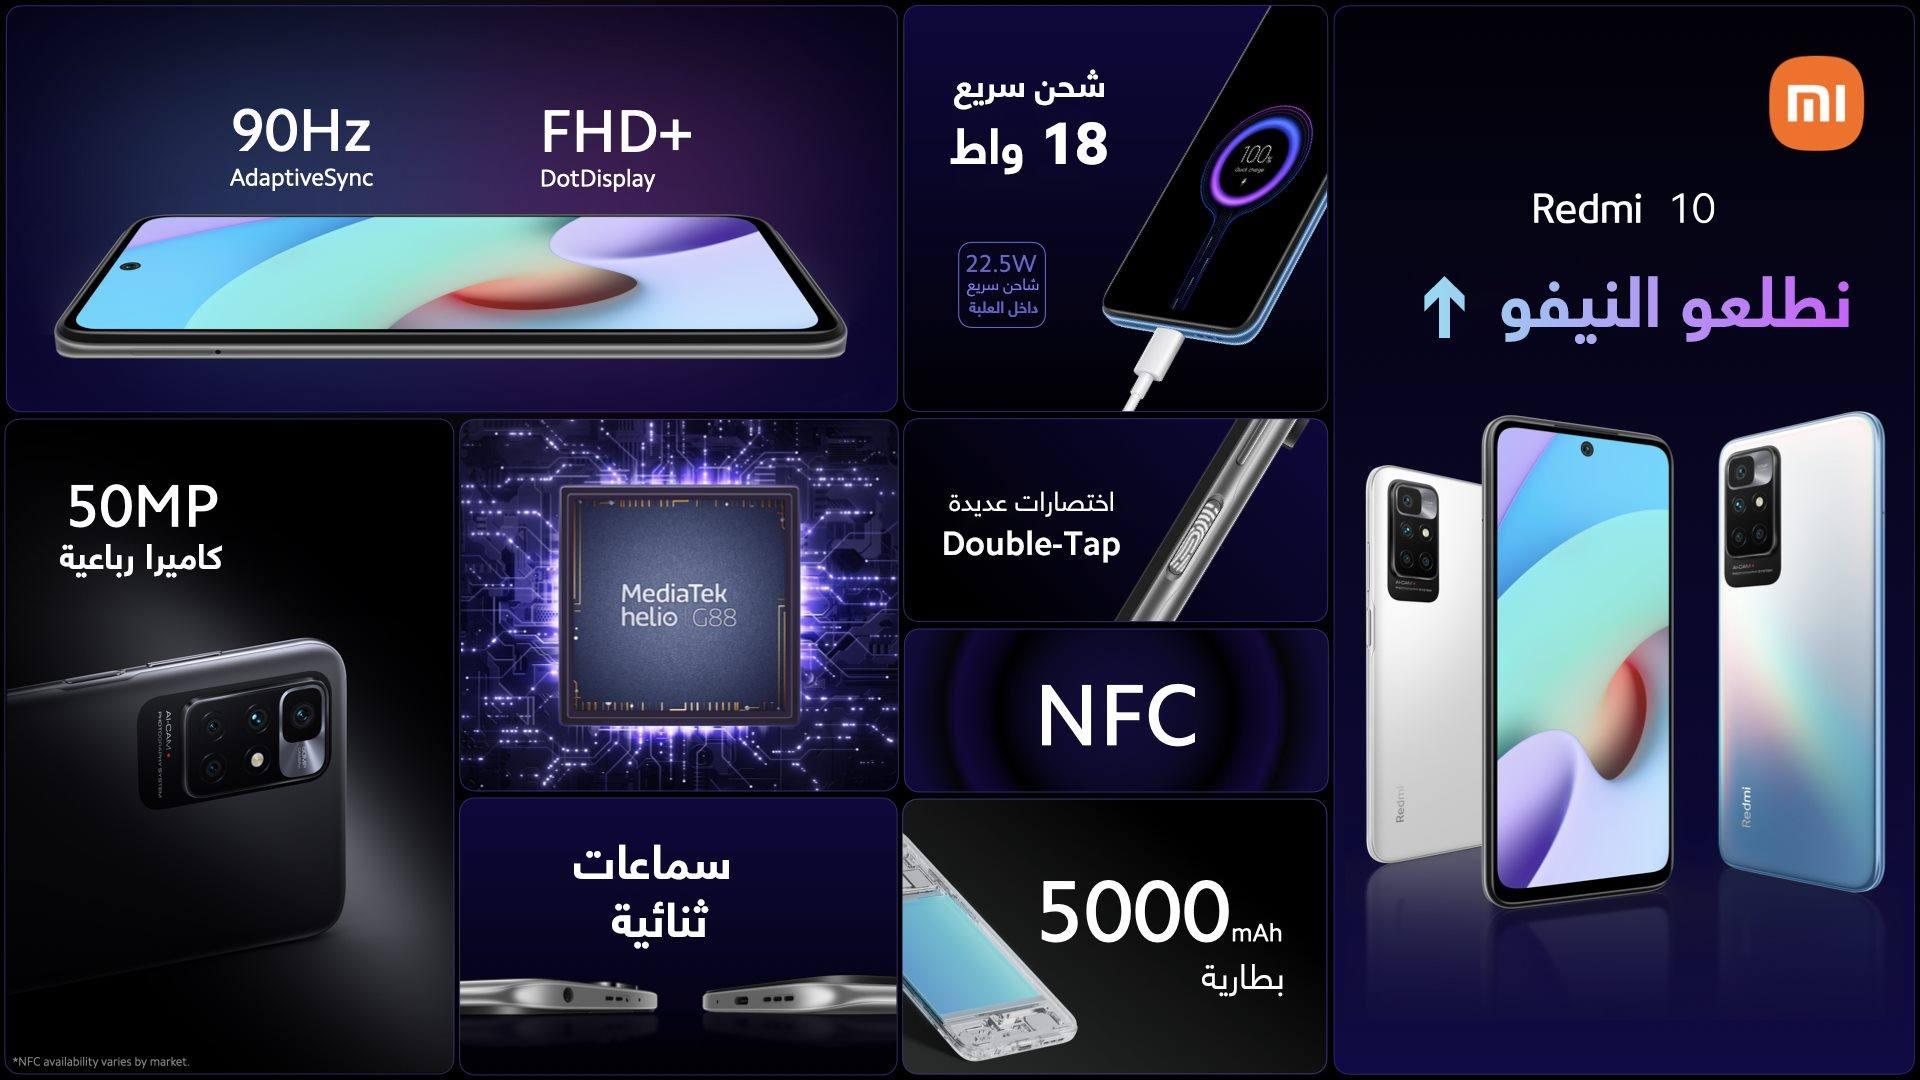 Offre Xiaomi Maroc Redmi 10 Prix Maroc